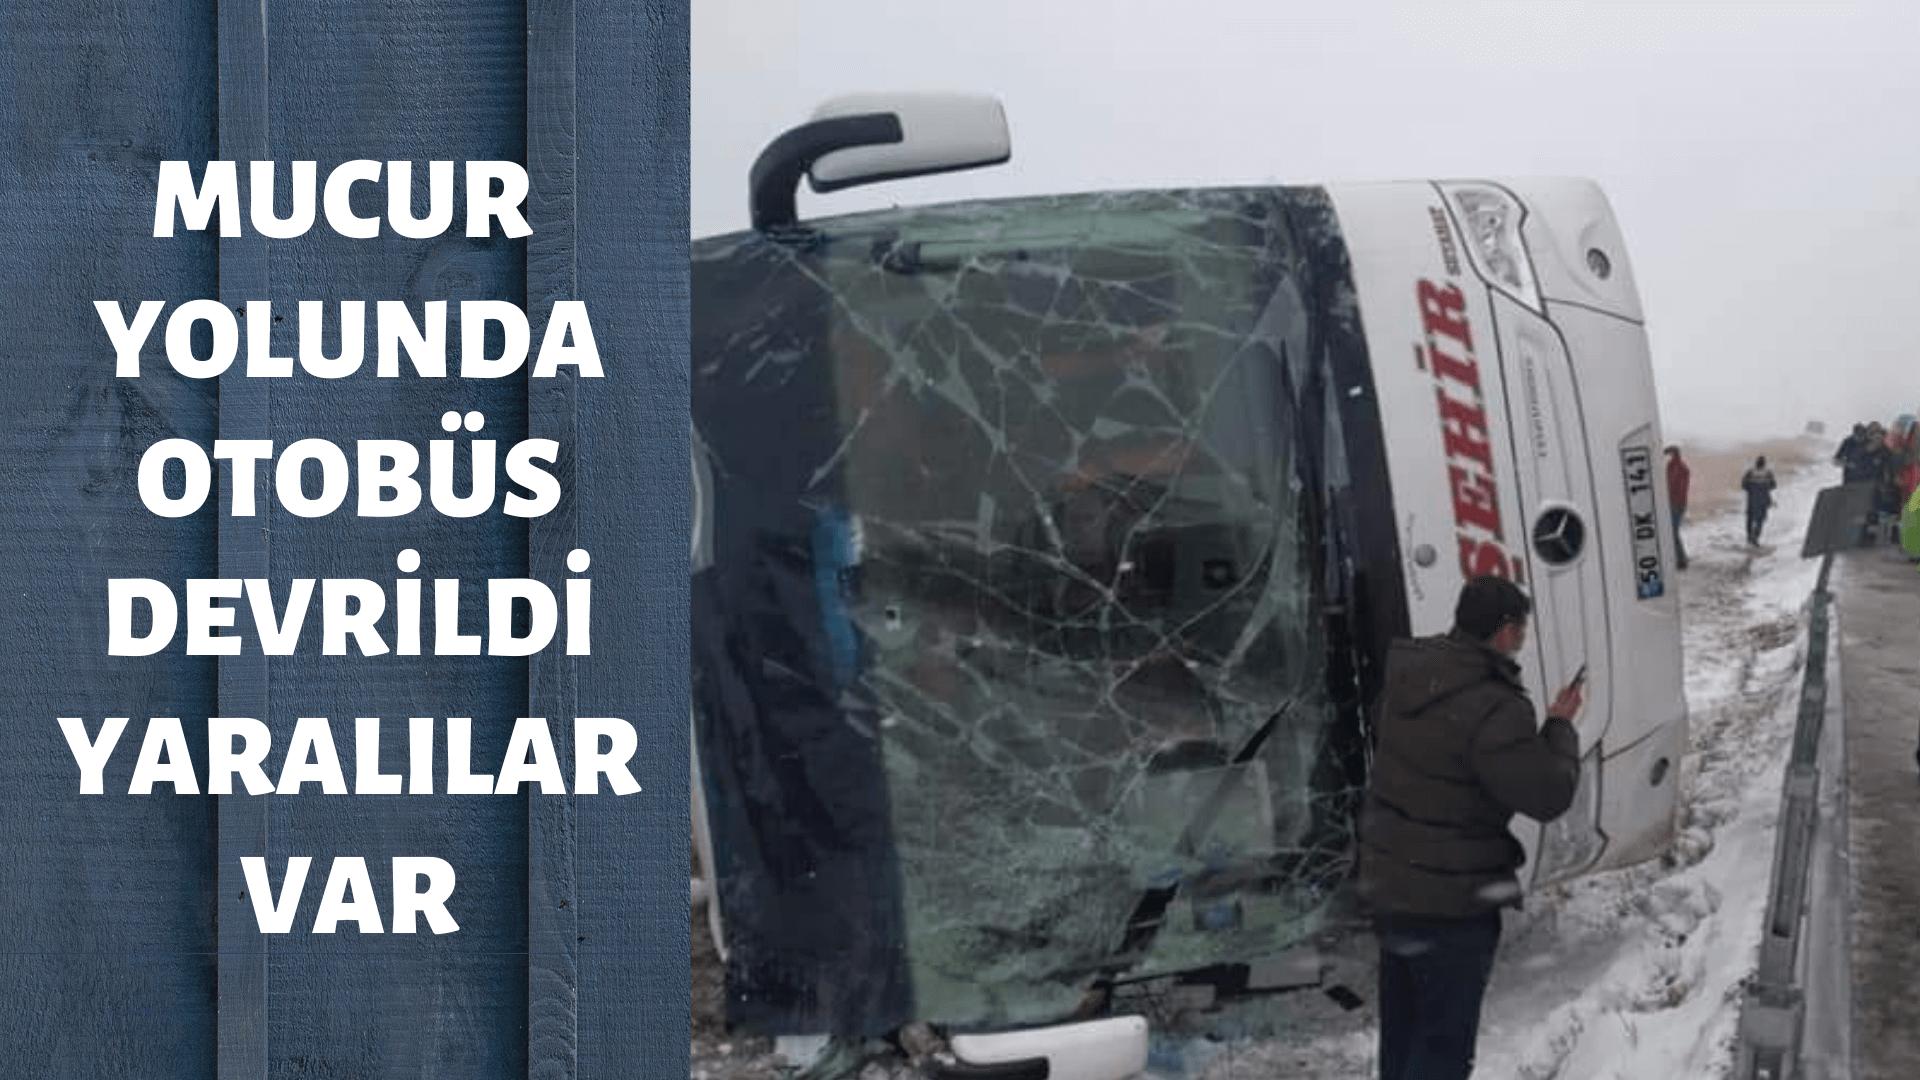 Kırşehir Mucur arasında otobüs devrildi